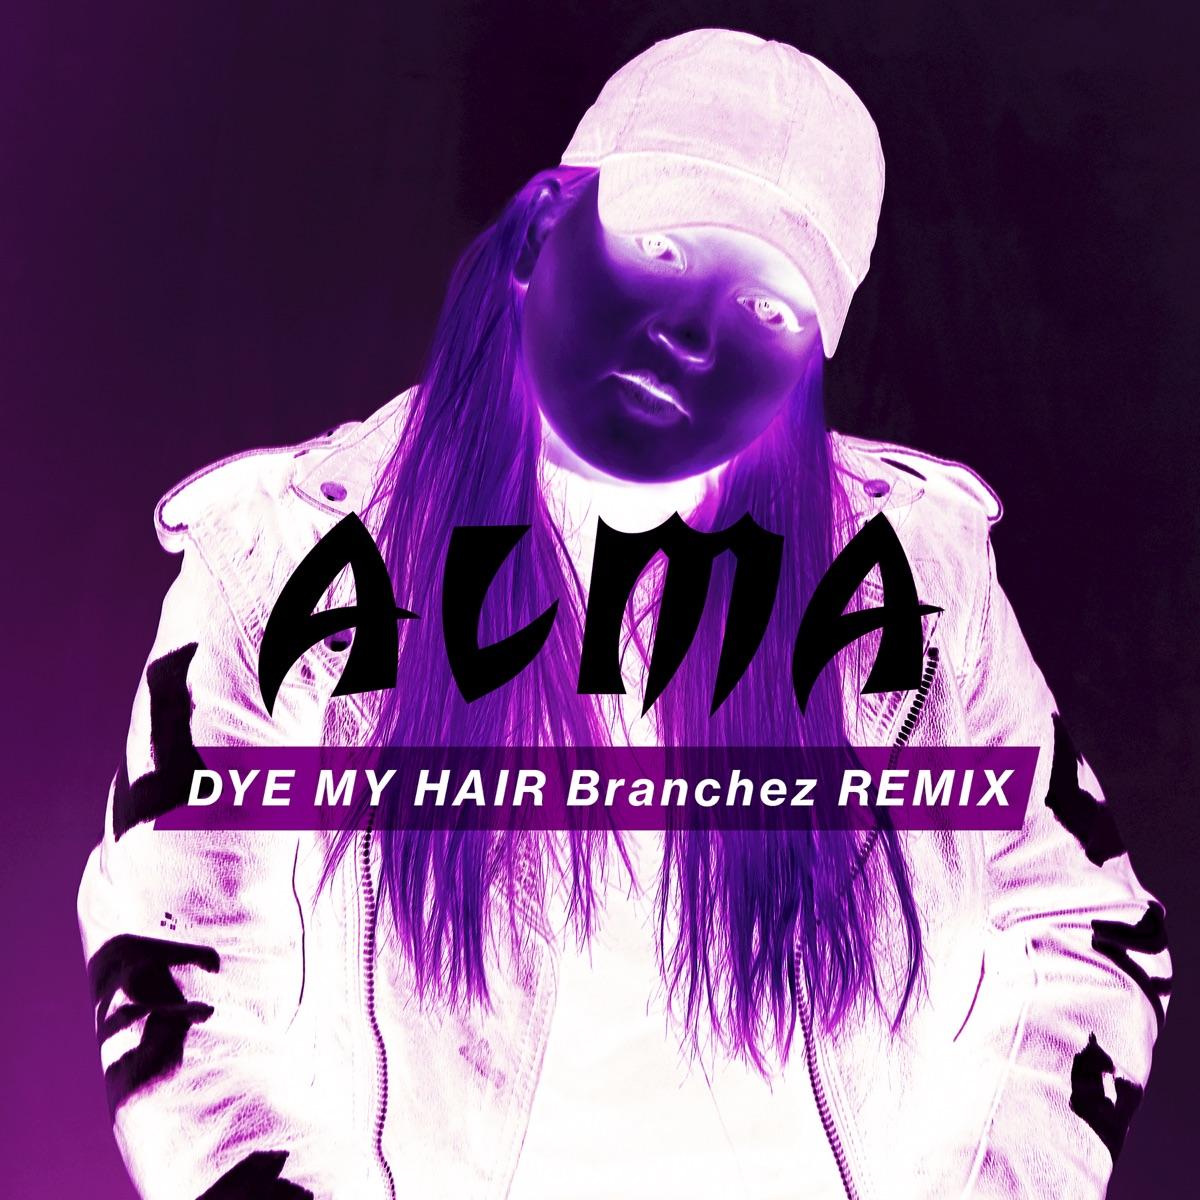 Dye My Hair Branchez Remix - Single ALMA CD cover